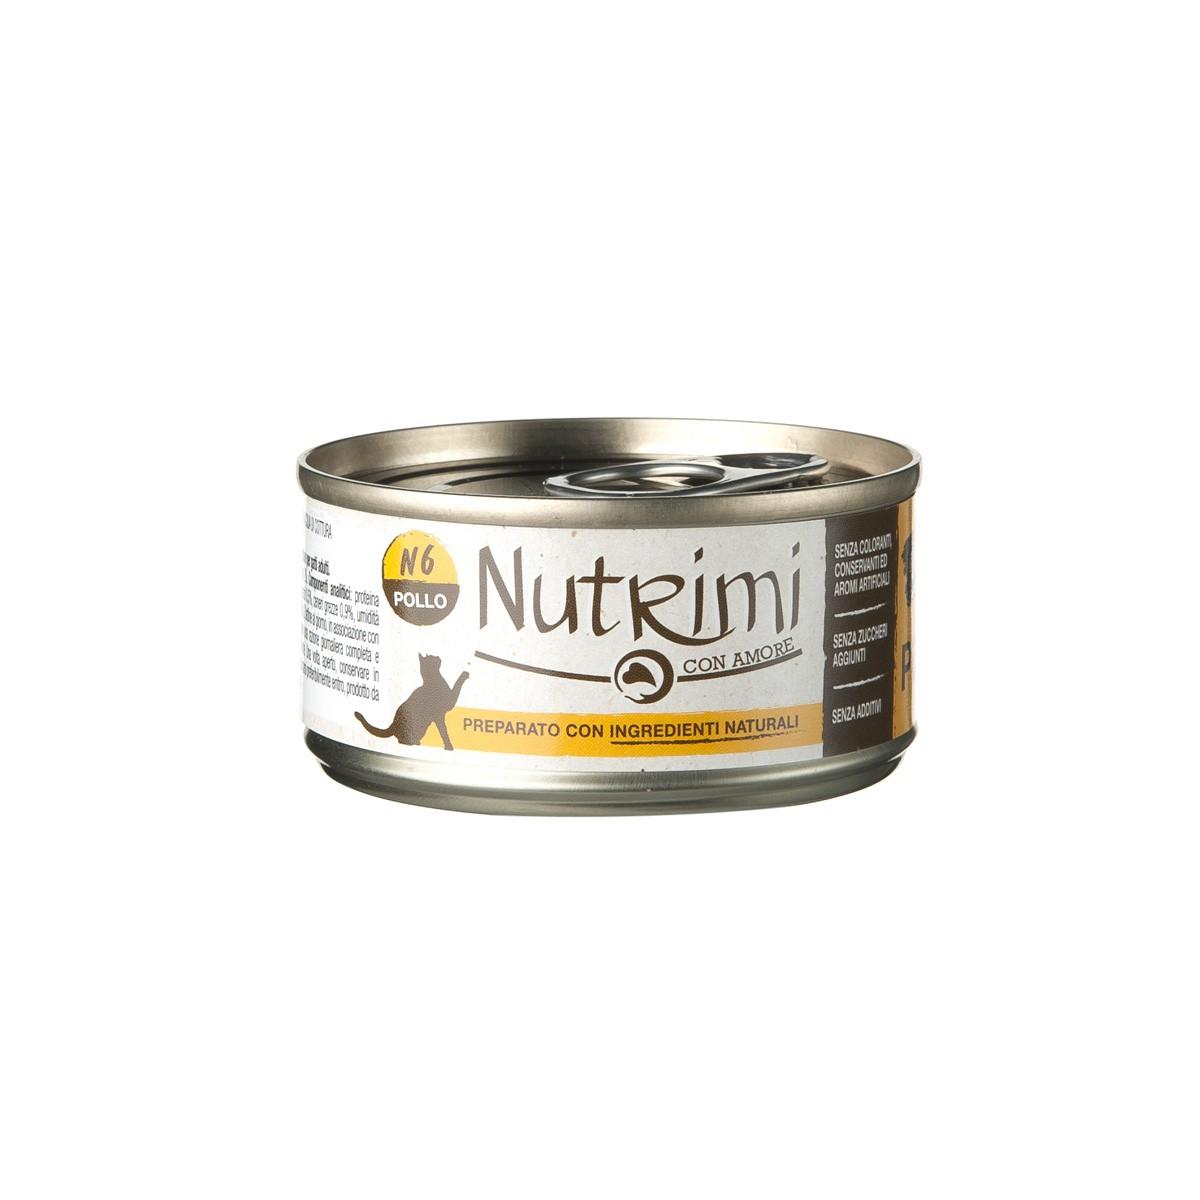 Nutrimi Natural Al Pollo